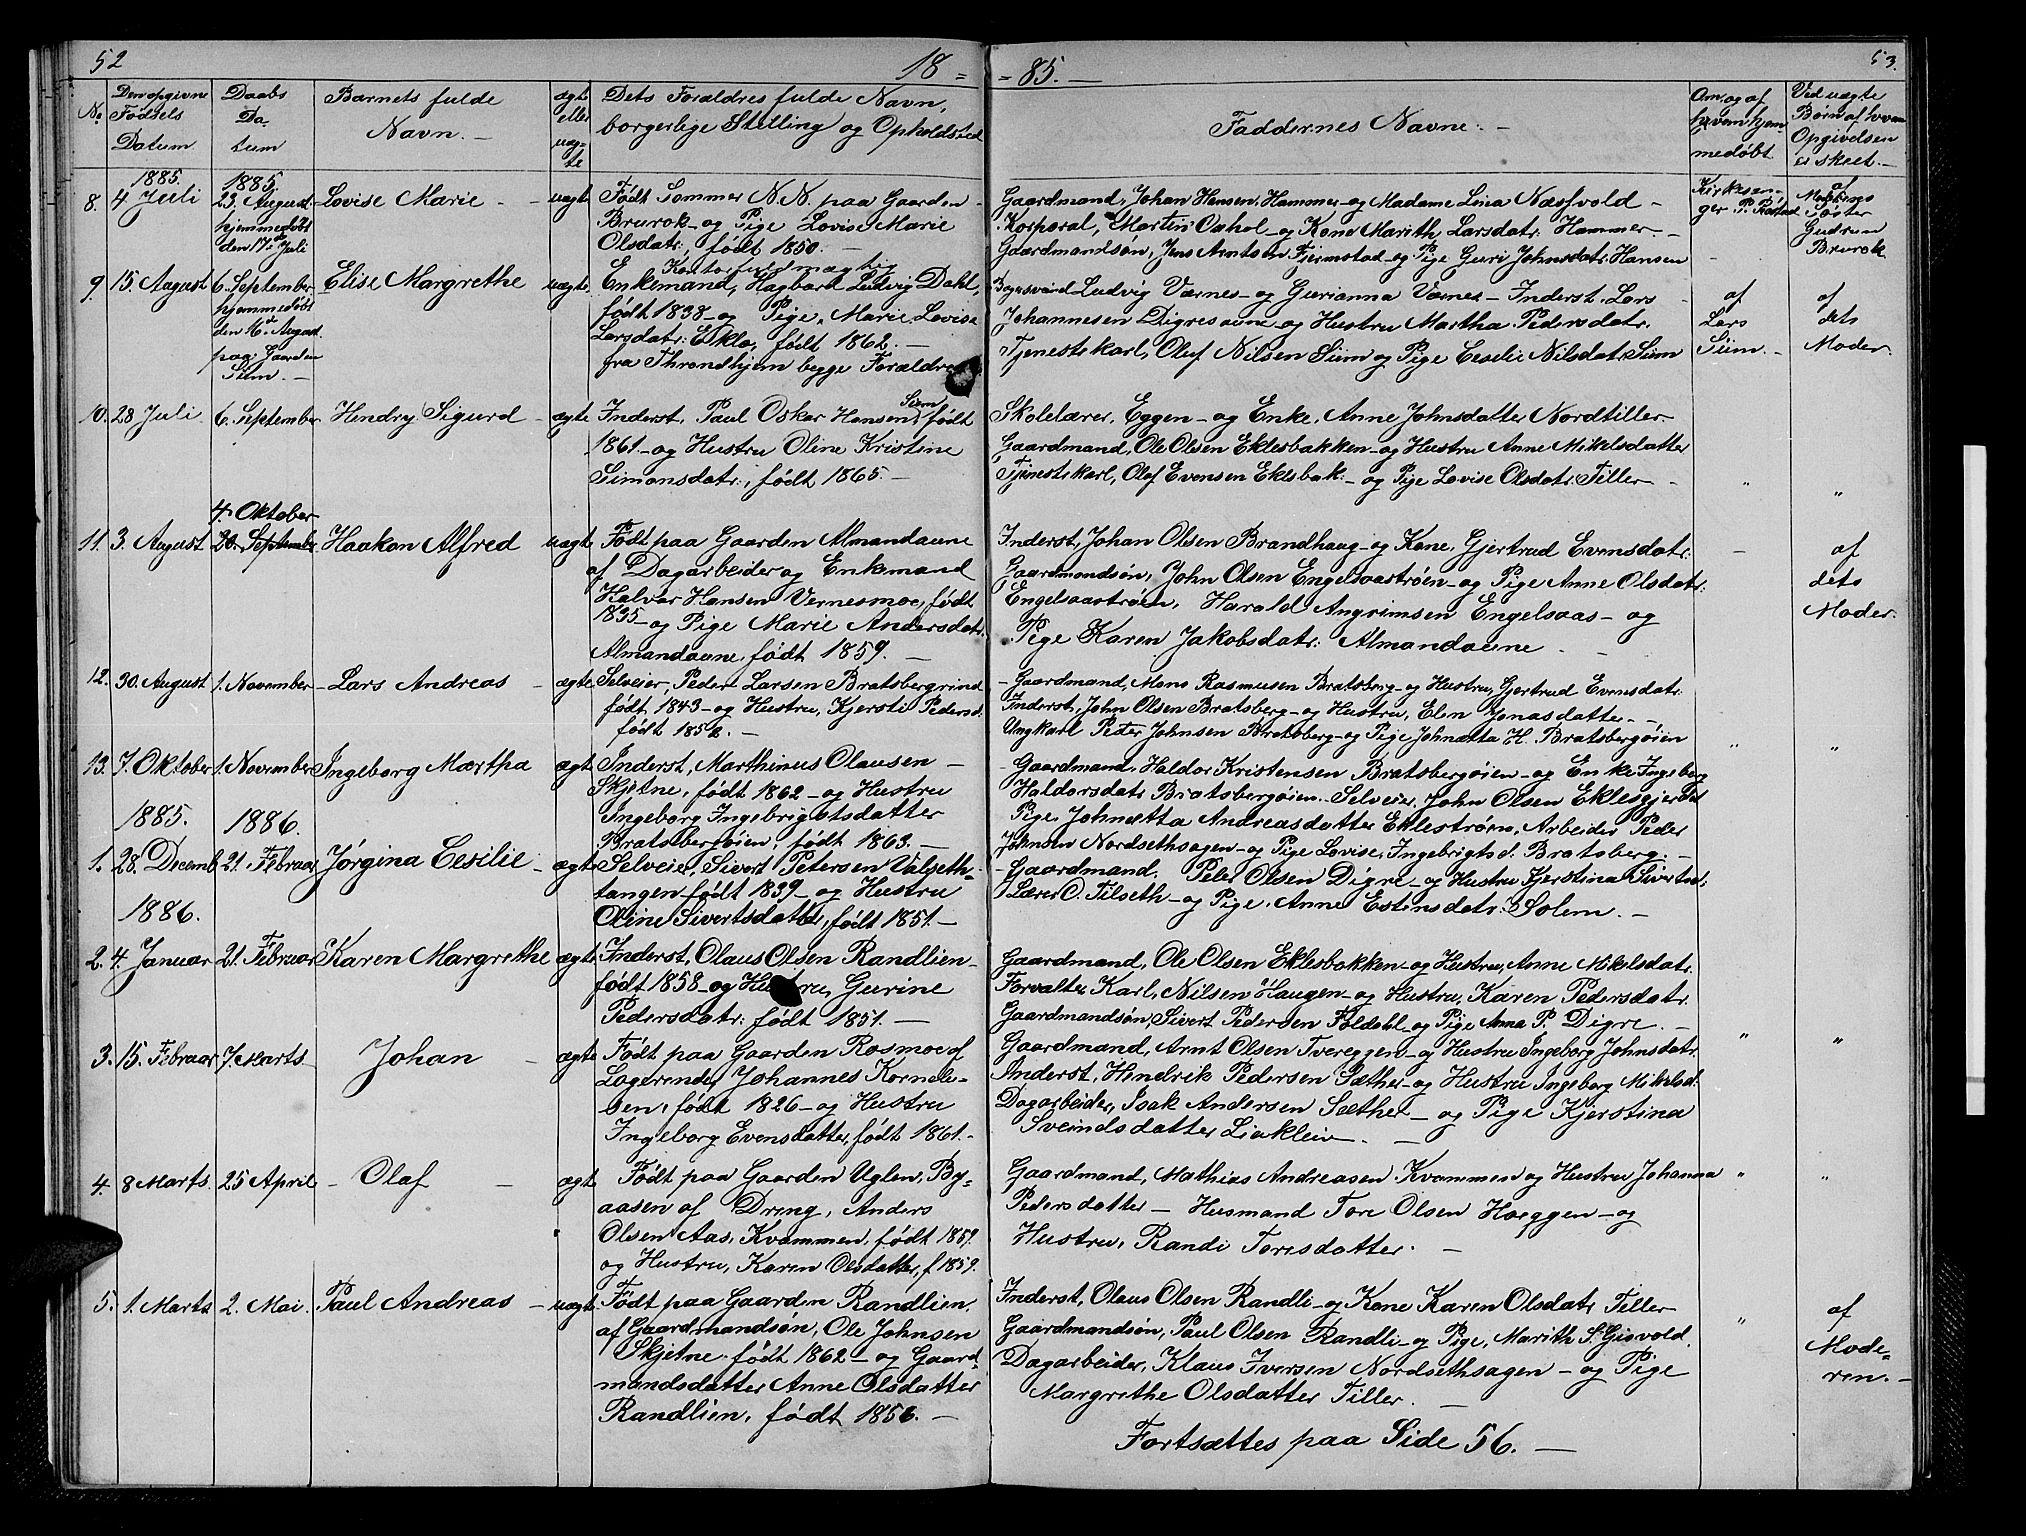 SAT, Ministerialprotokoller, klokkerbøker og fødselsregistre - Sør-Trøndelag, 608/L0340: Klokkerbok nr. 608C06, 1864-1889, s. 52-53